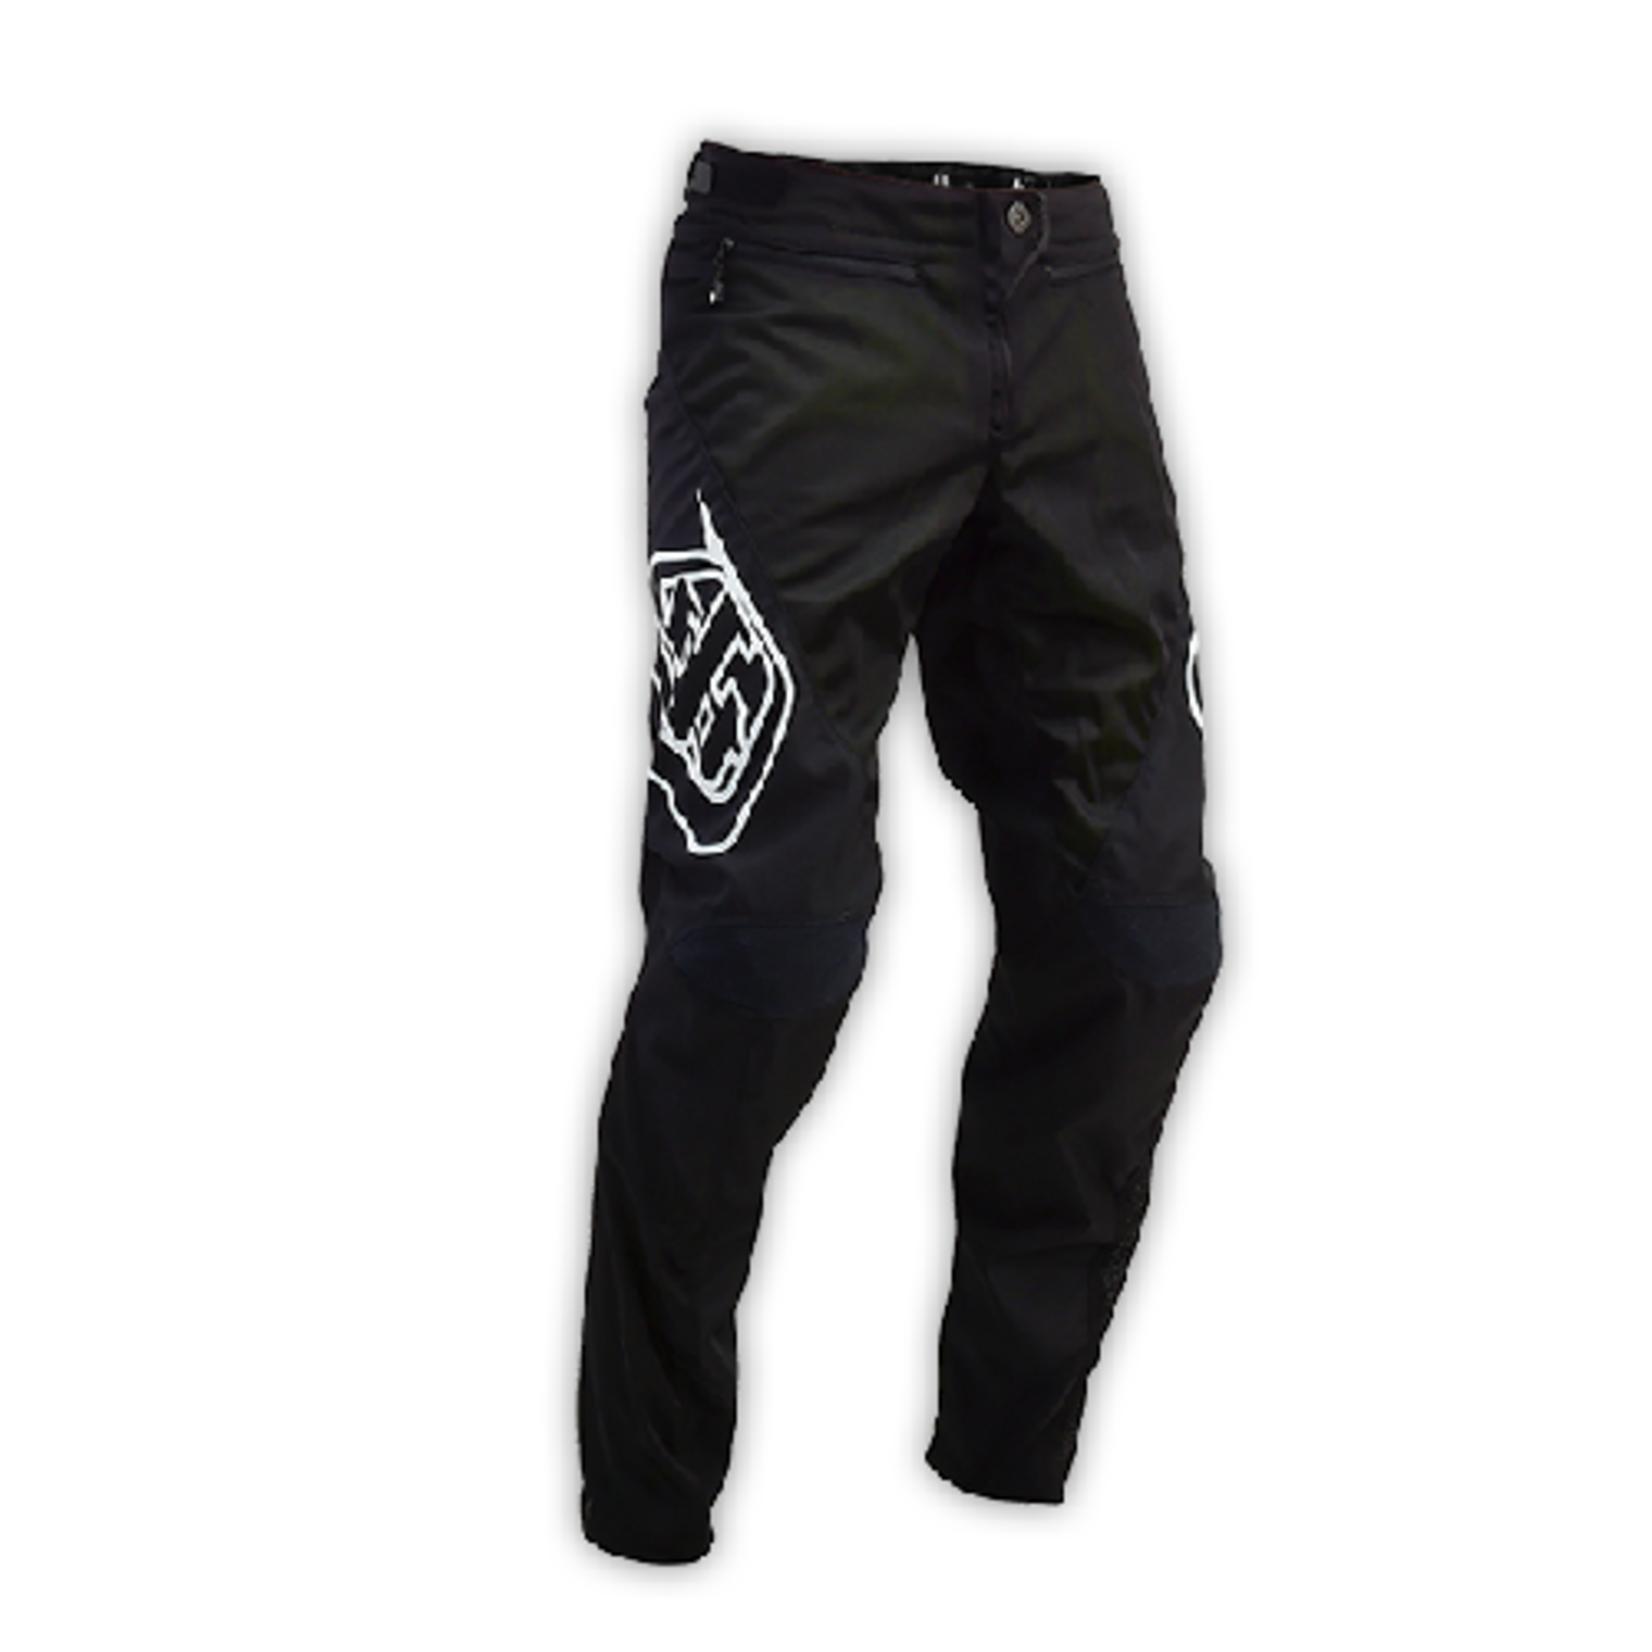 Troy Lee Designs Troy Lee Sprint Pant Black